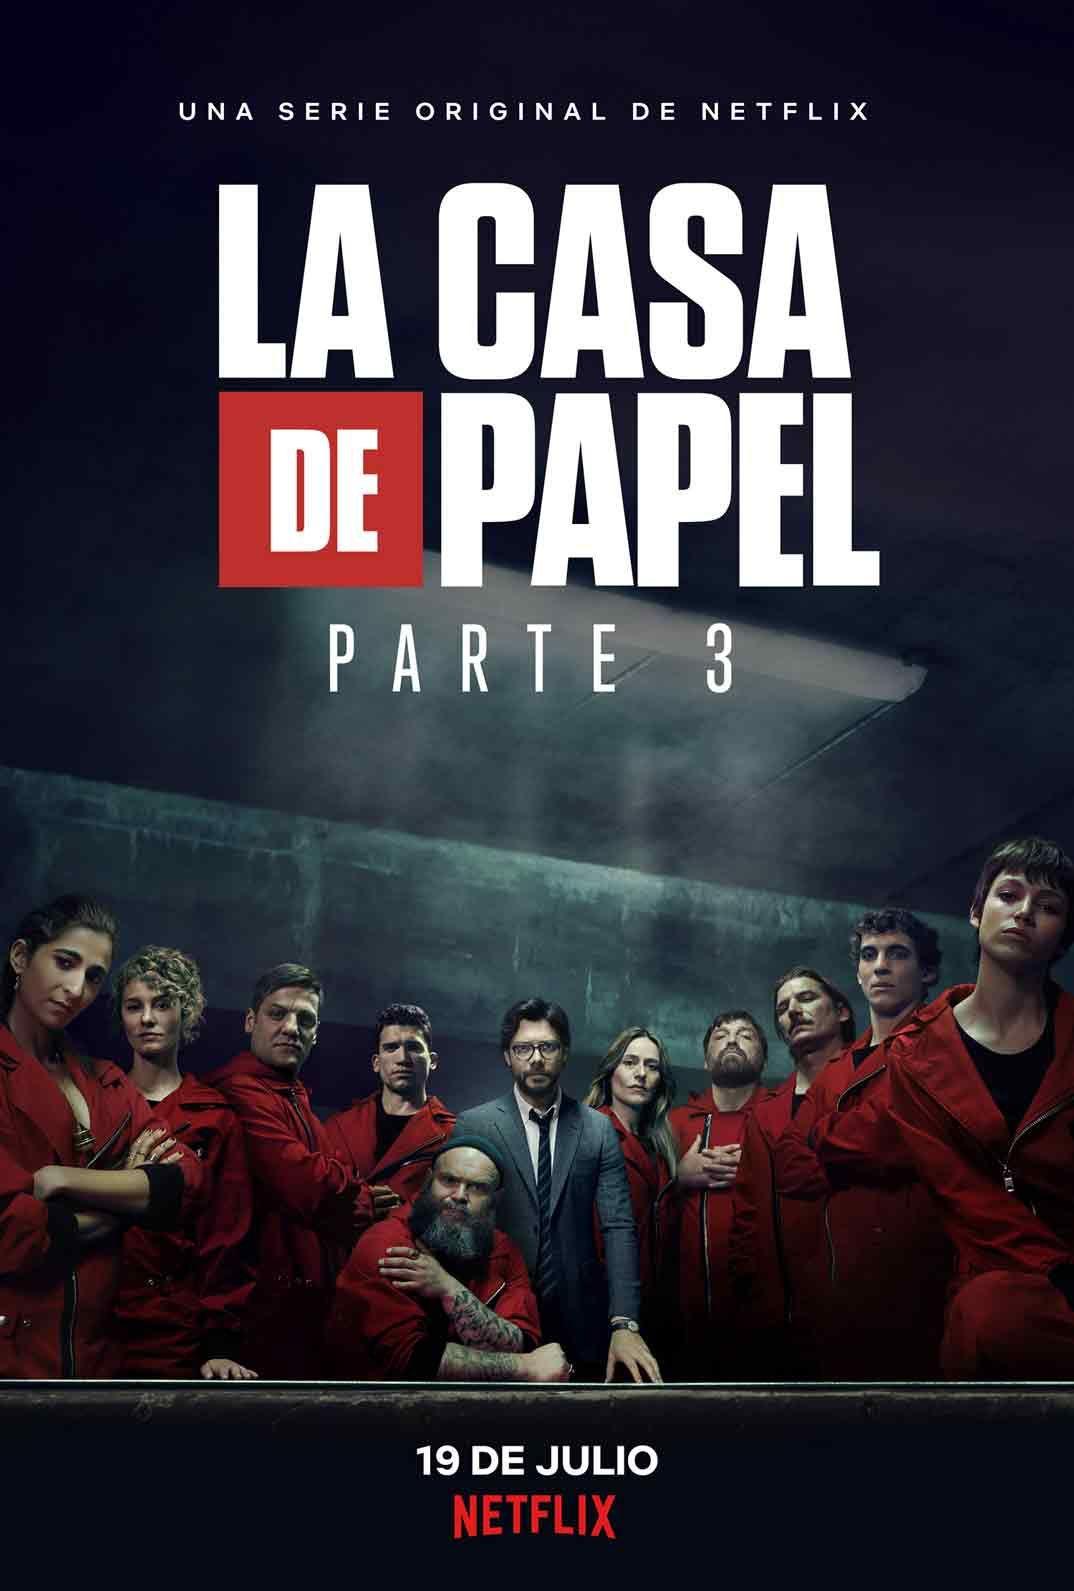 Netflix Presenta El Poster Oficial De La Casa De Papel Parte 3